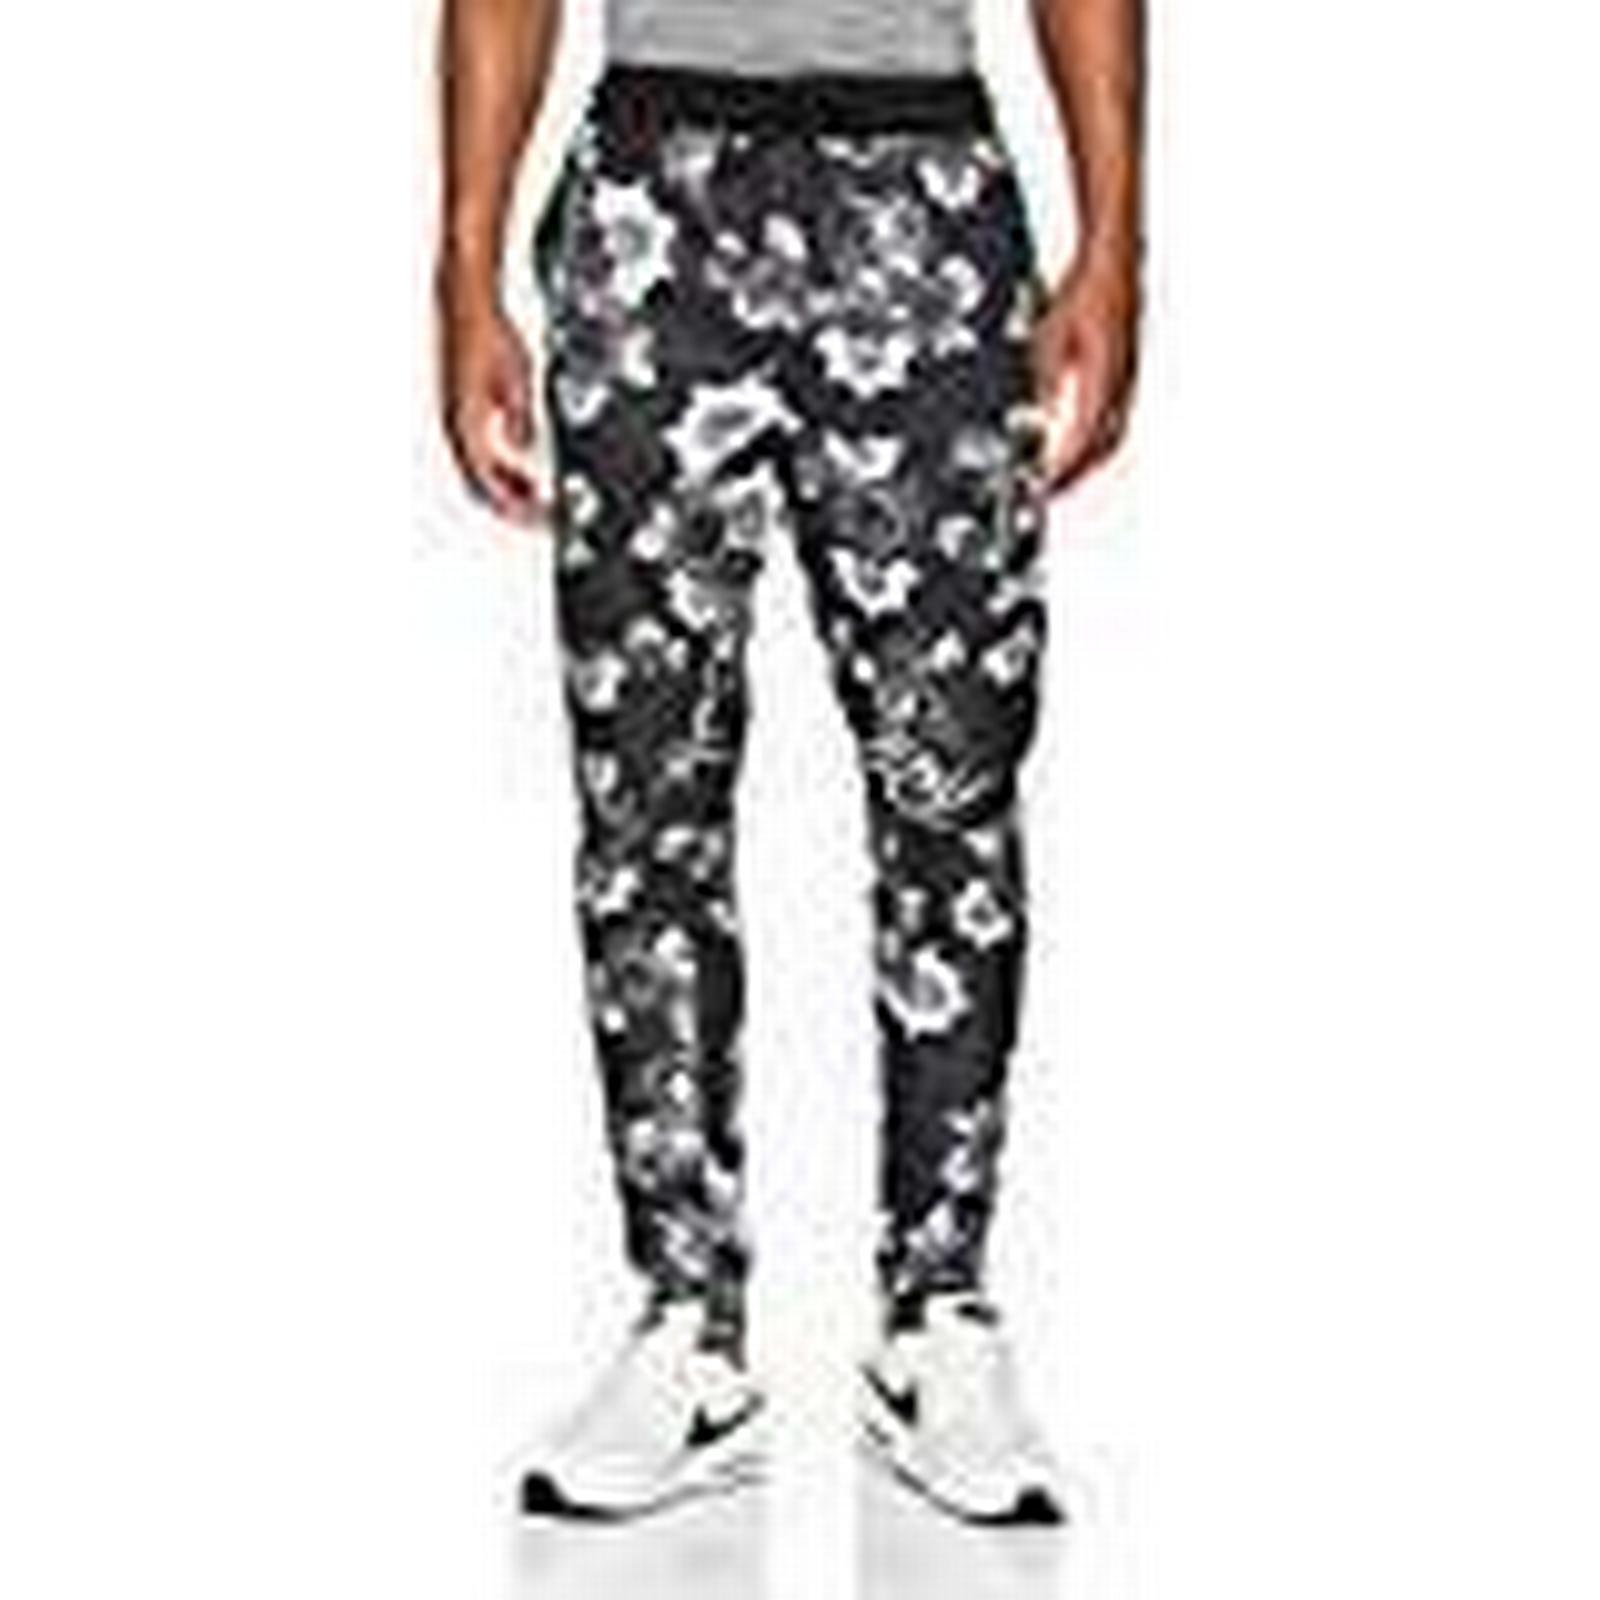 nike 909240, hommes et # €27; s des pantalons, pantalons, des des hommes et # €27; s, 909240, bianco nero bianco, grand 886f4b